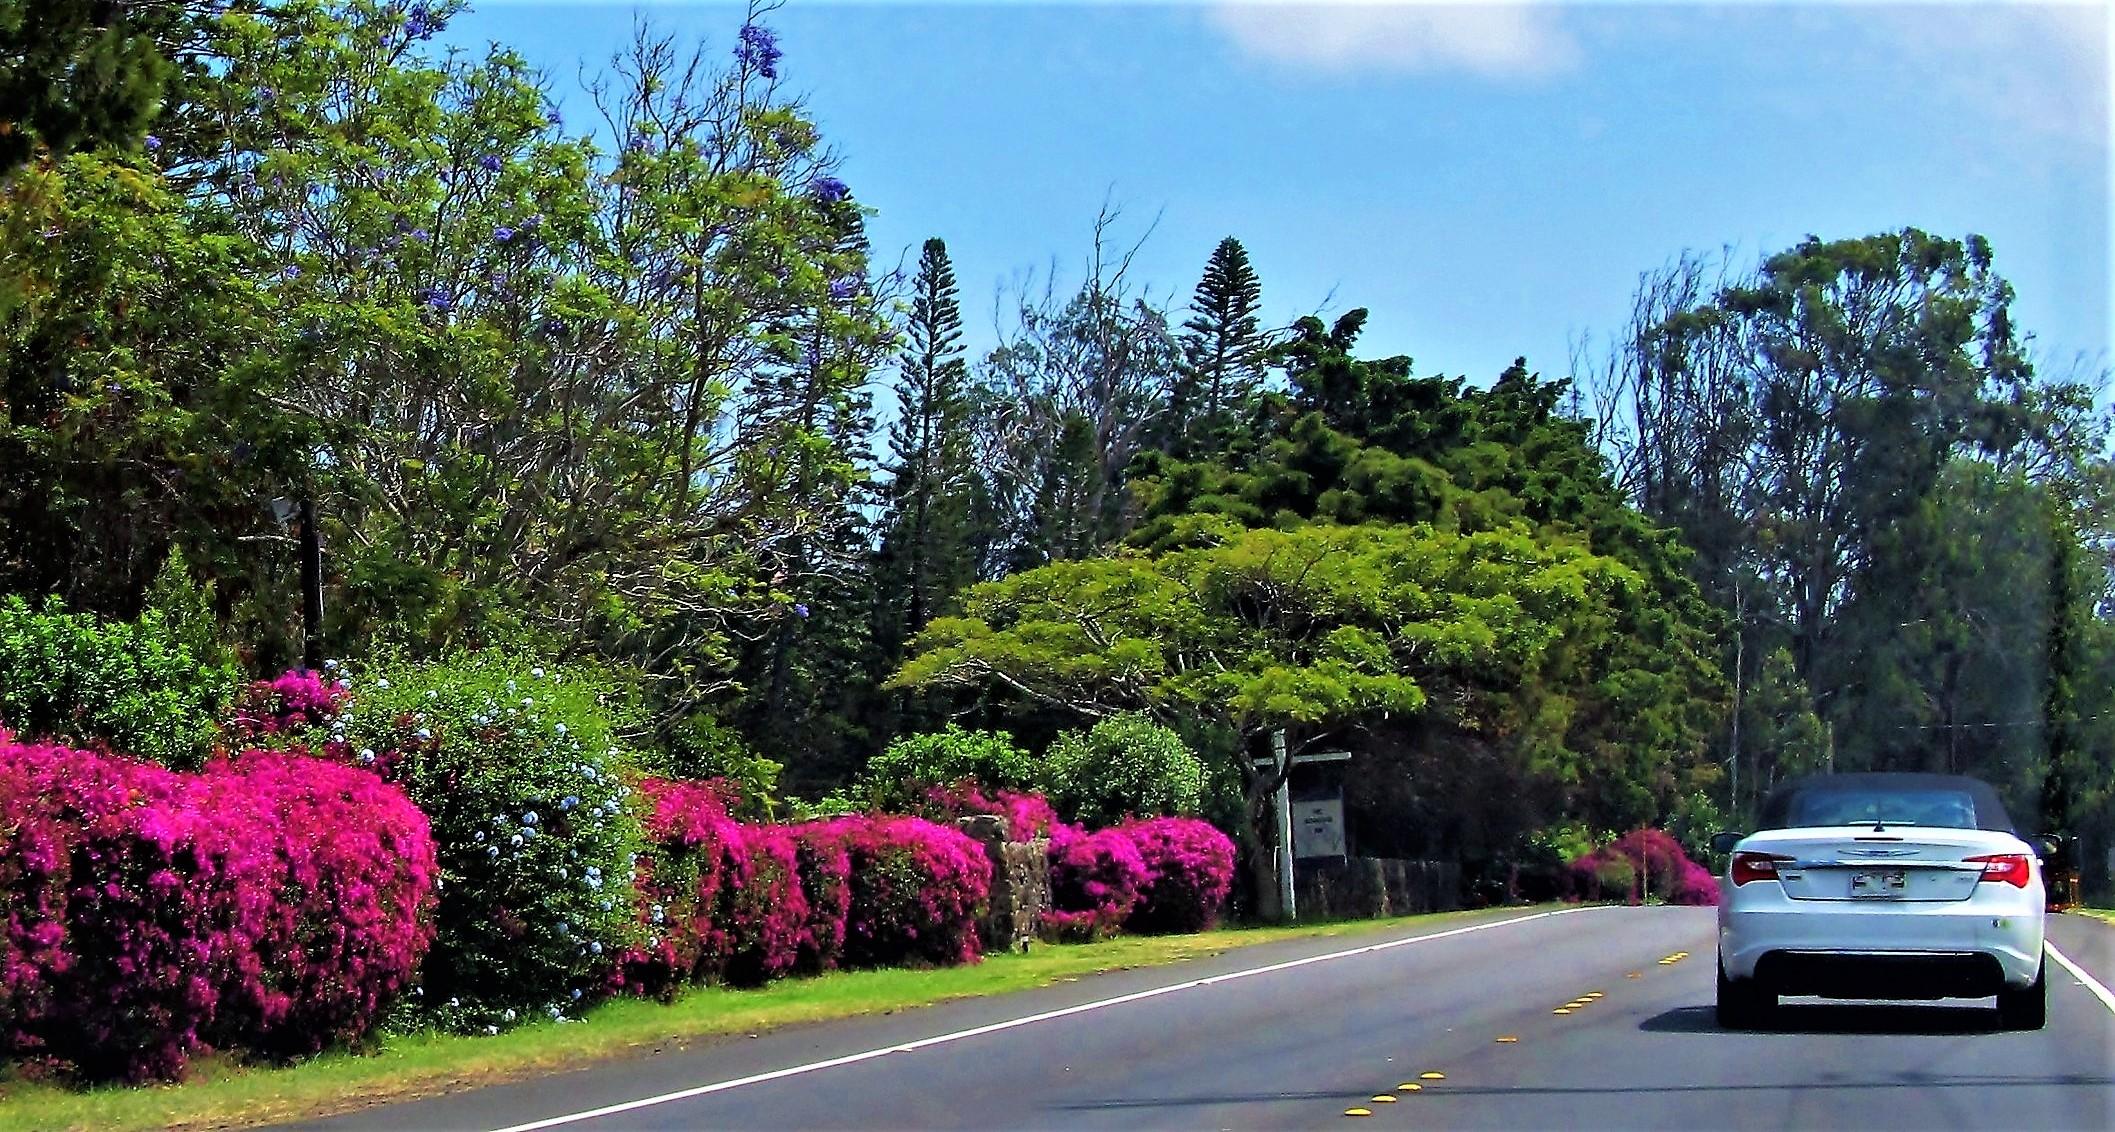 Hawaii rental car